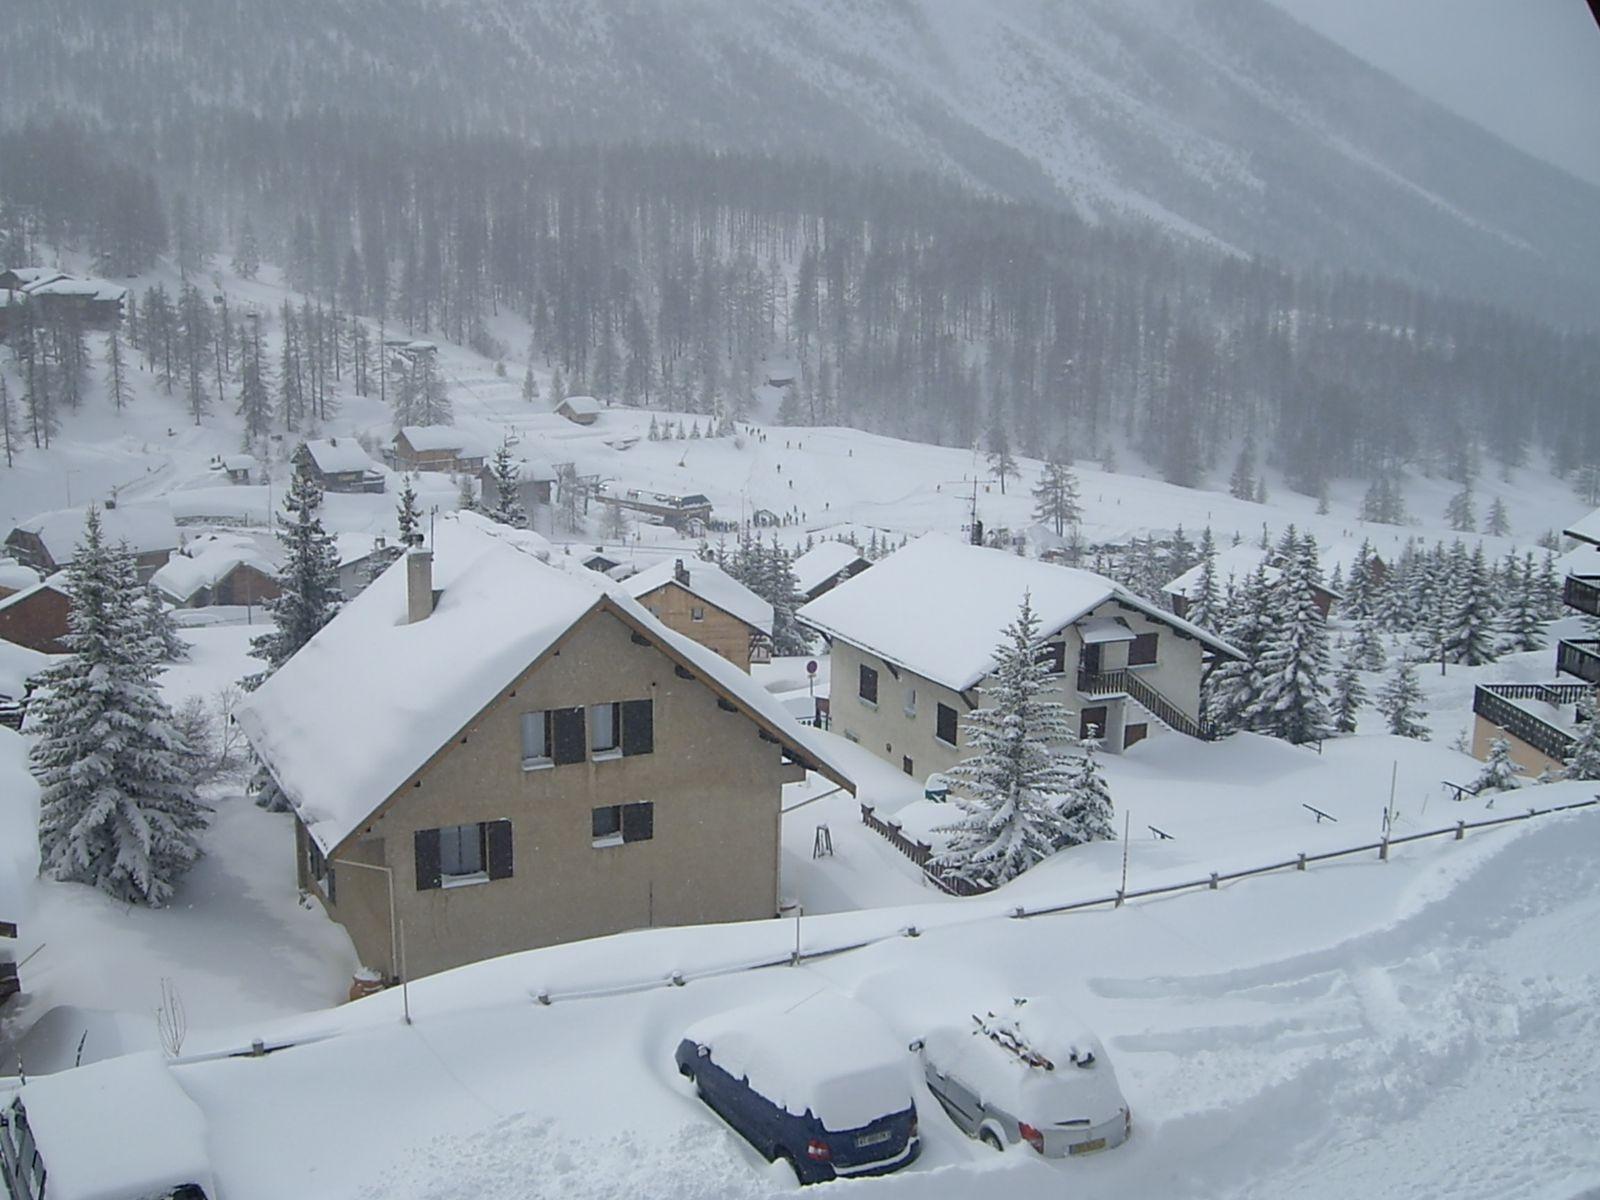 Montgenèvre, à deux pas de la frontière Italienne, Hautes Alpes, charme d'un village traditionnel de montagne à 1860 mètres d'altitude. Montgenèvre est la doyenne des stations de ski françaises, elle a fêté son centenaire en 2007.